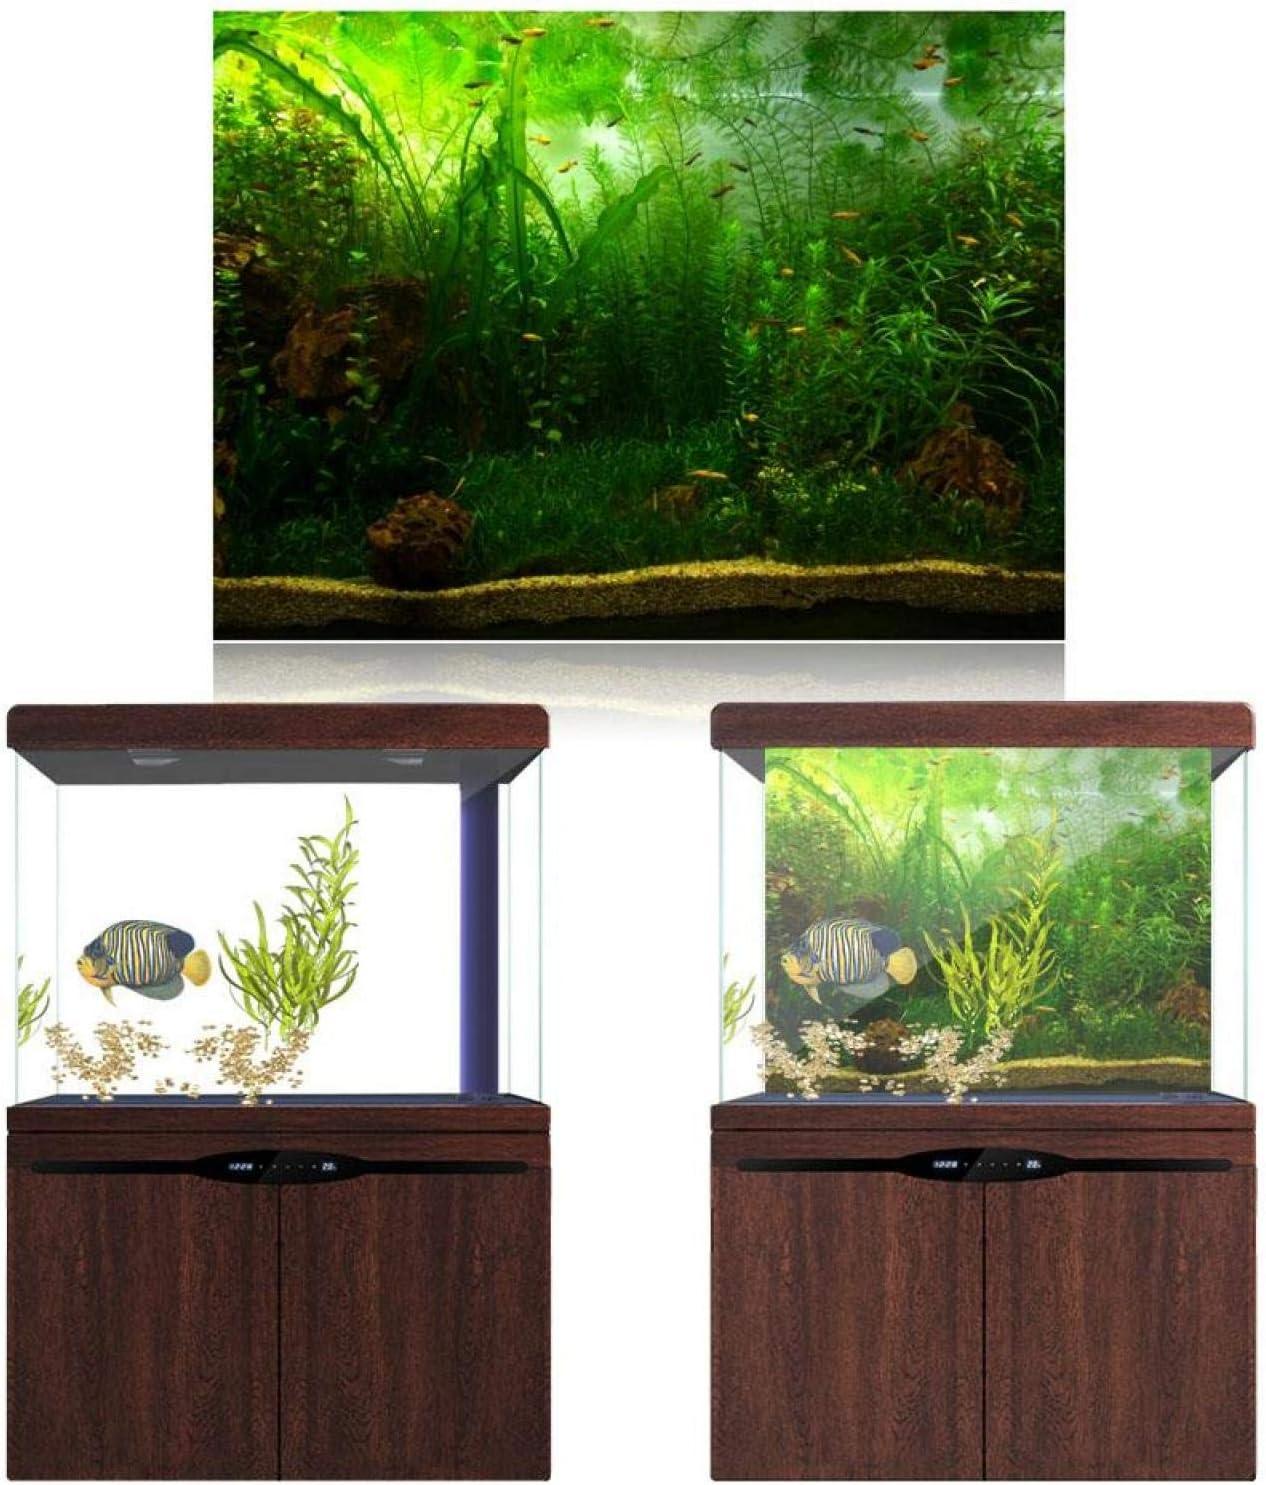 Zetiling Water Grass Aquarium Poster, Fish Aquarium Background, Self Adhesive Design Fish Tank Background Decor Paper Backgrounds for Fish Tank and Aquarium Decoration(9150cm)